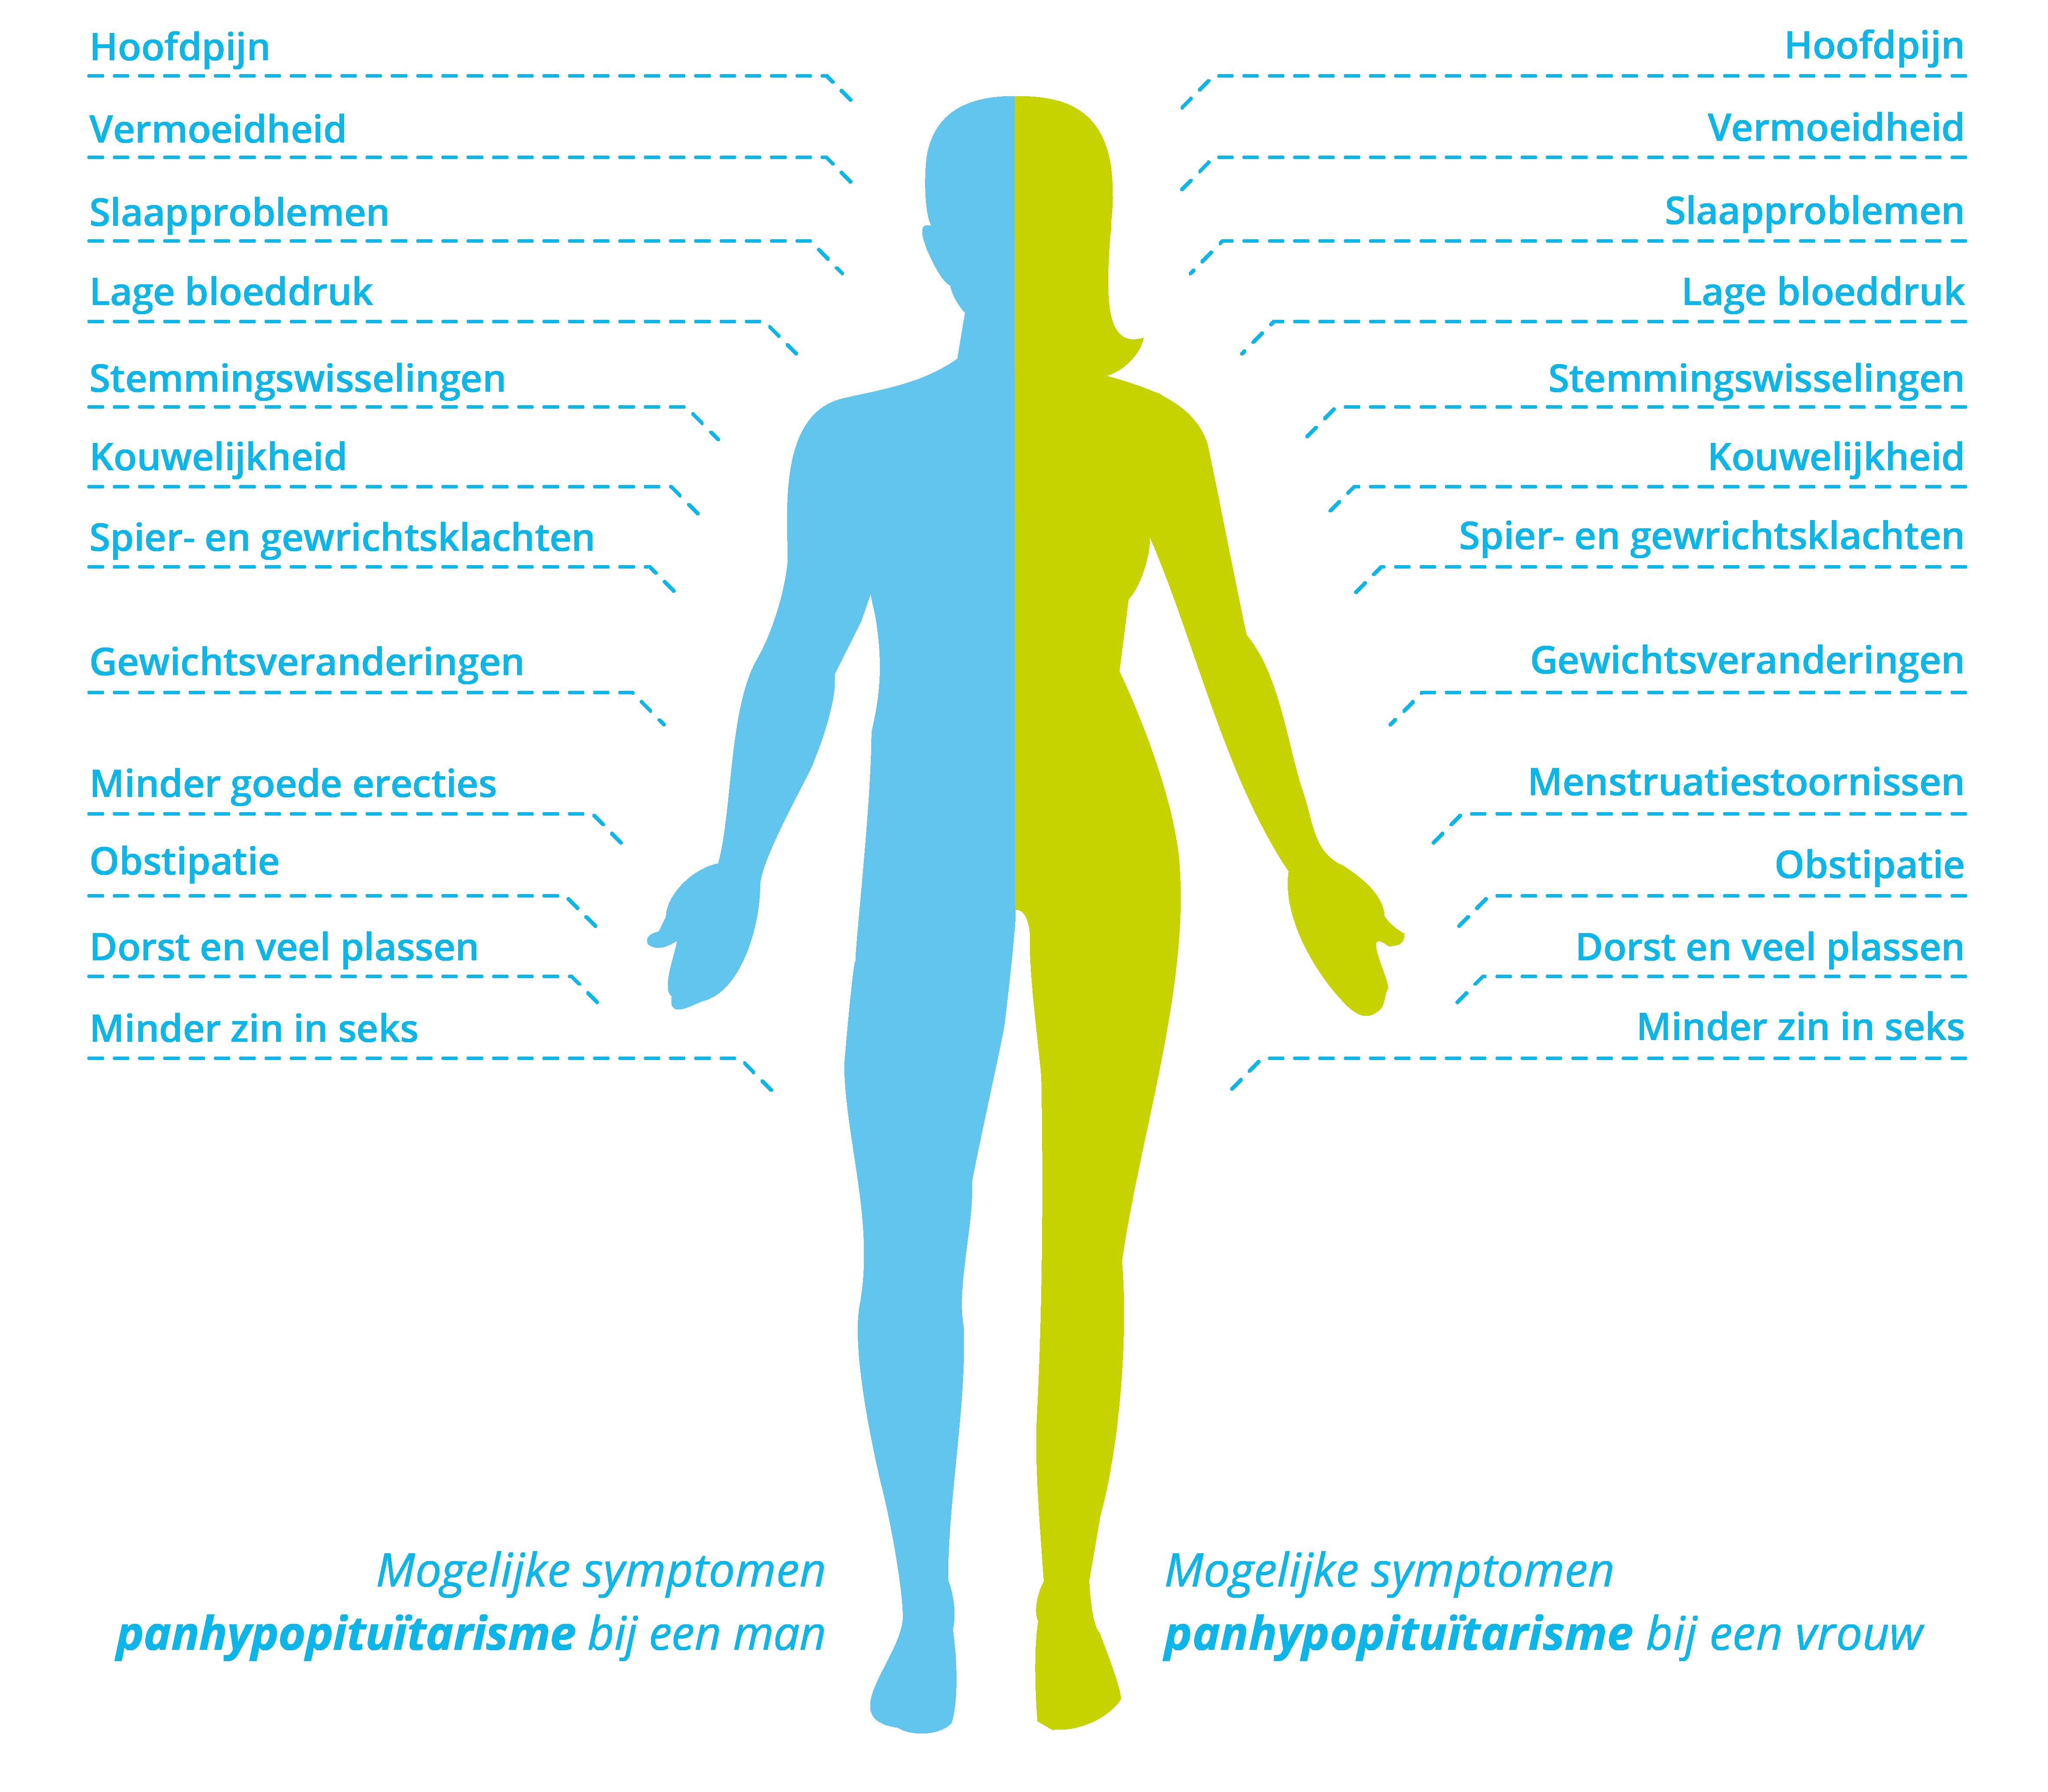 Symptomen hypopituïtarisme (hormoontekort) bij mannen en vrouwen